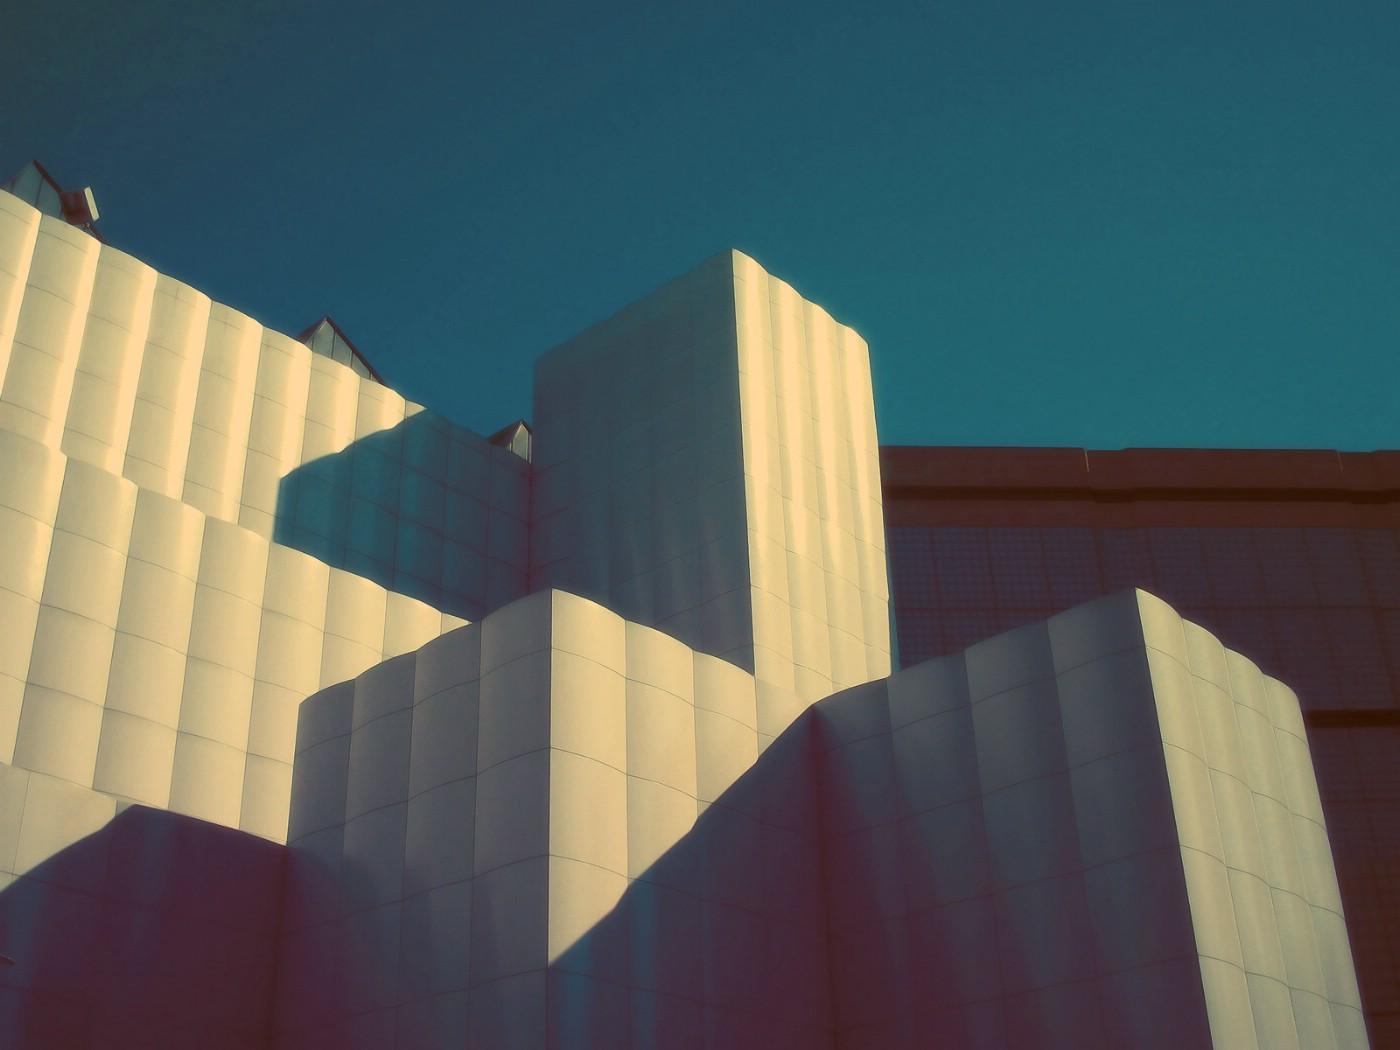 壁纸1400×1050现代简约建筑设计壁纸 壁纸10壁纸 现代简约建筑设计壁纸壁纸图片建筑壁纸建筑图片素材桌面壁纸